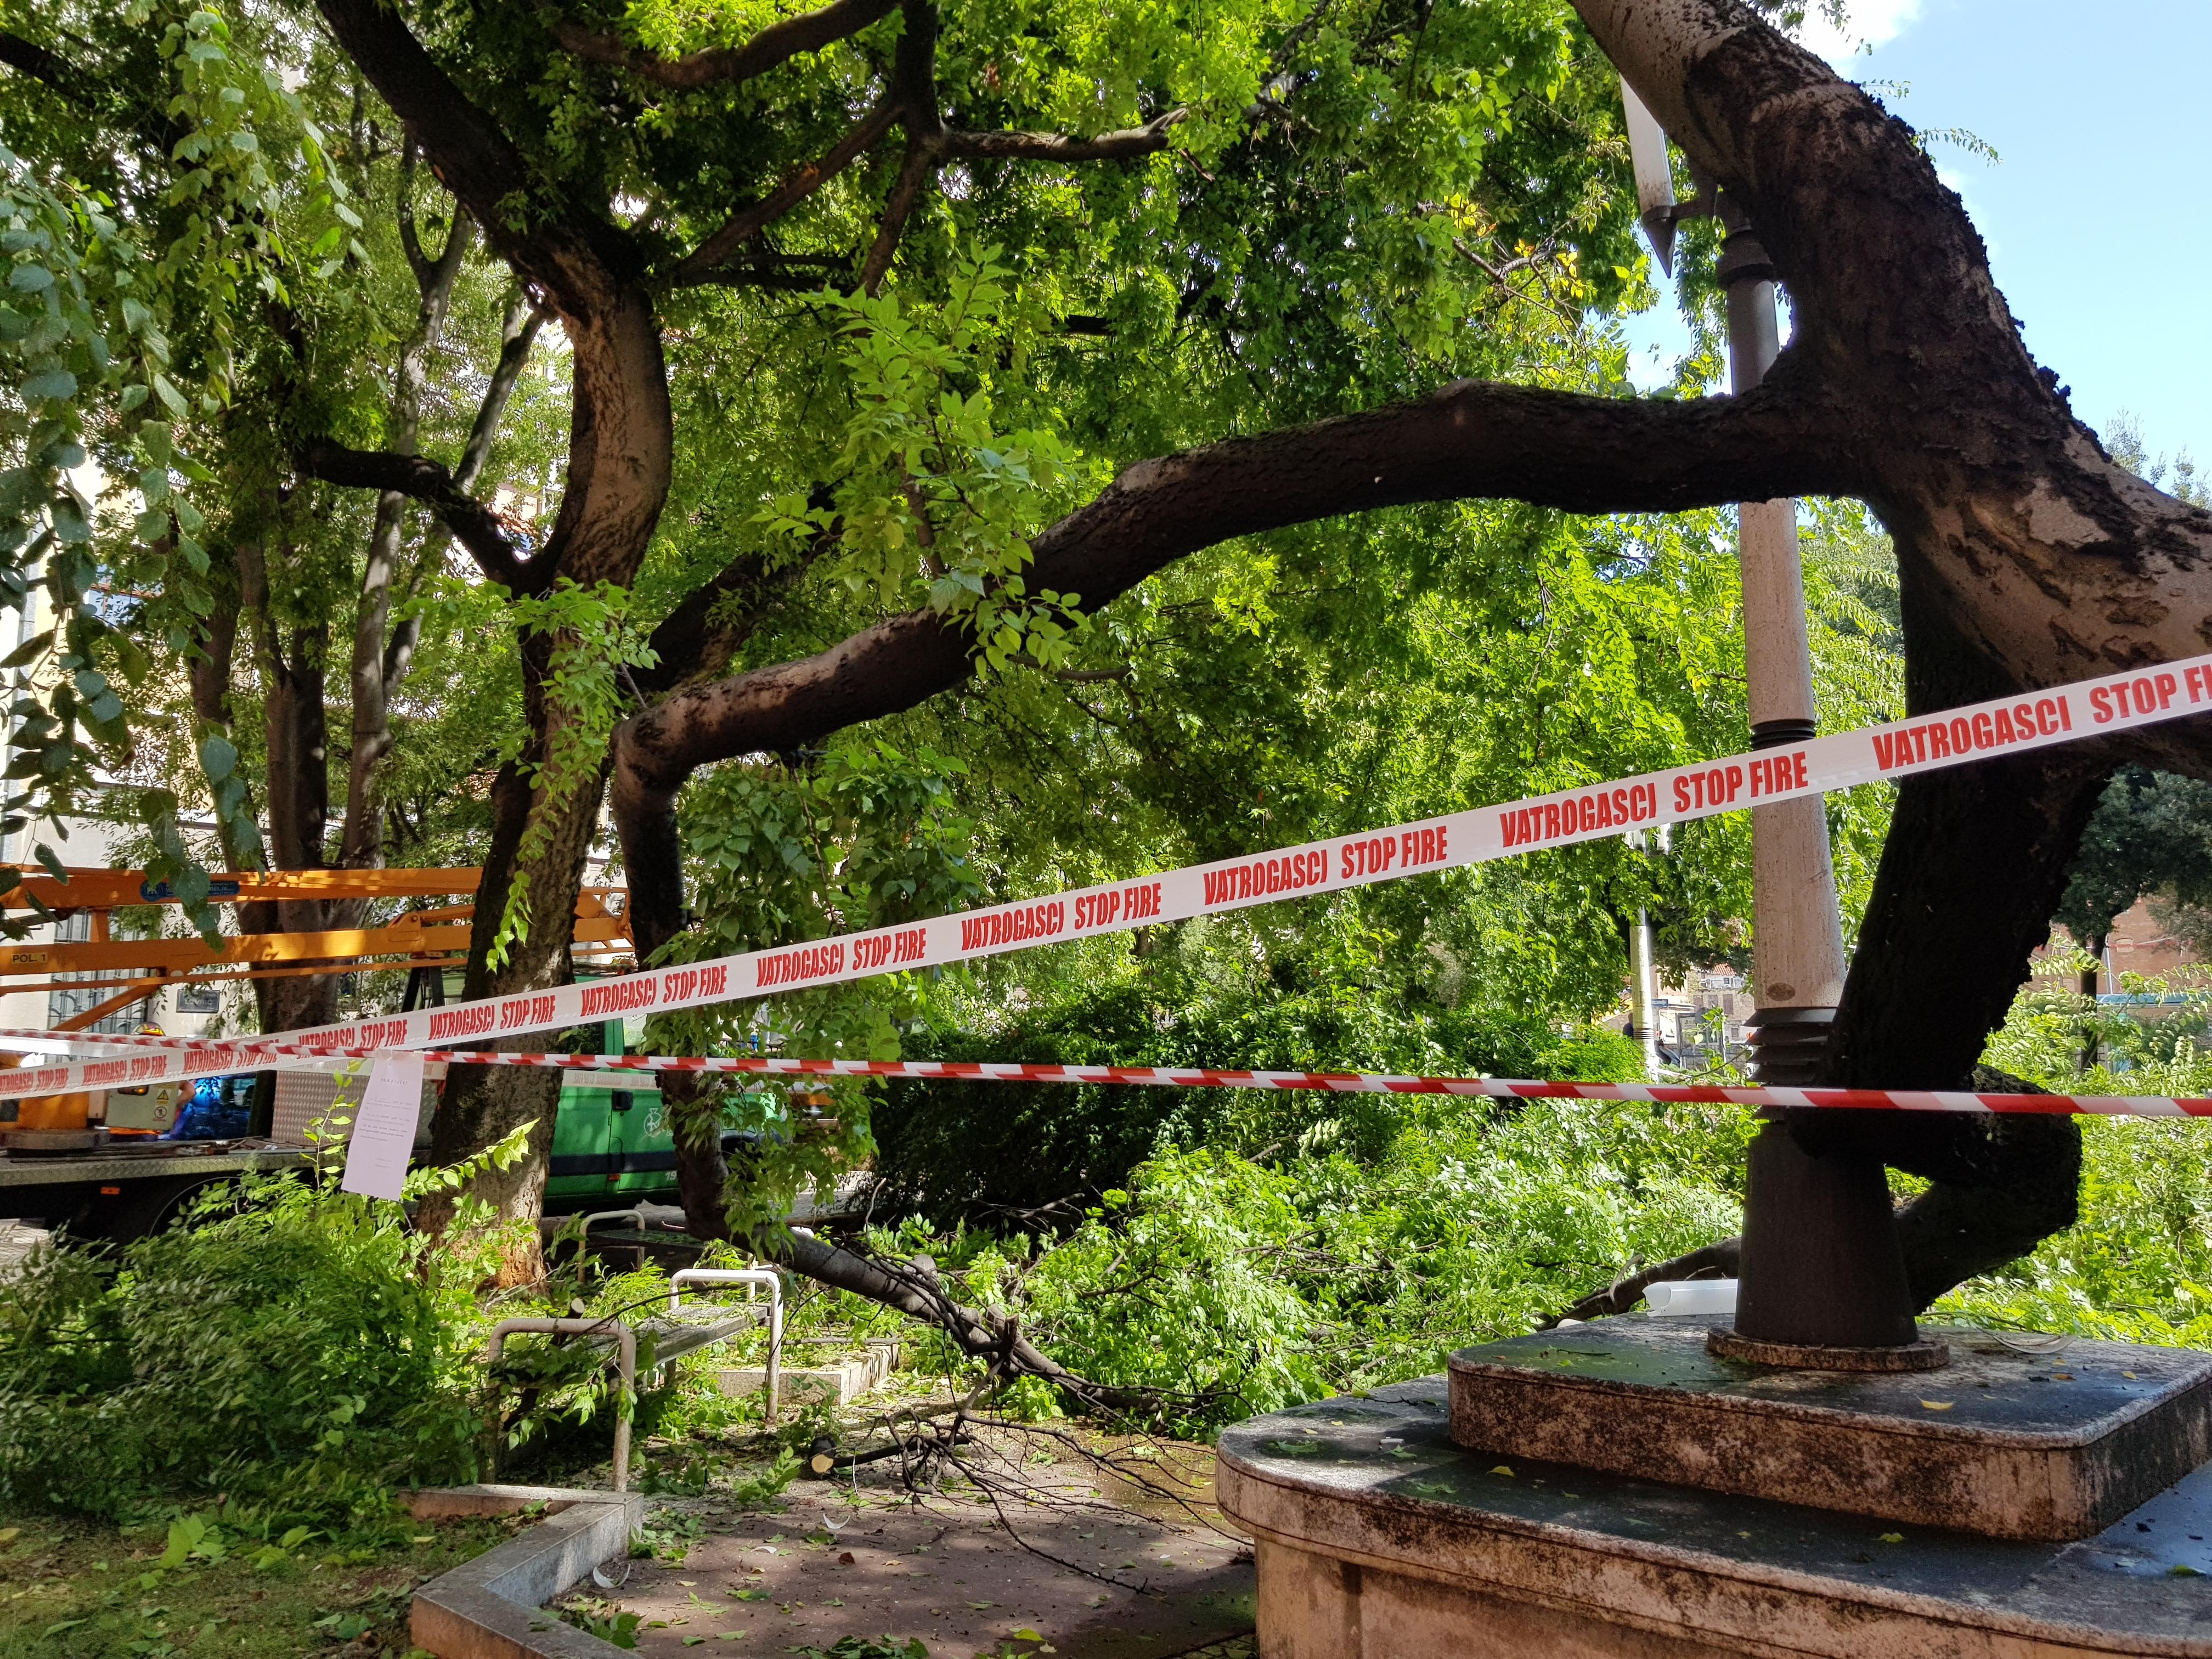 srušeno stablo u Parku dr. Vinka Frančiškovića / Snimio Marko GRACIN